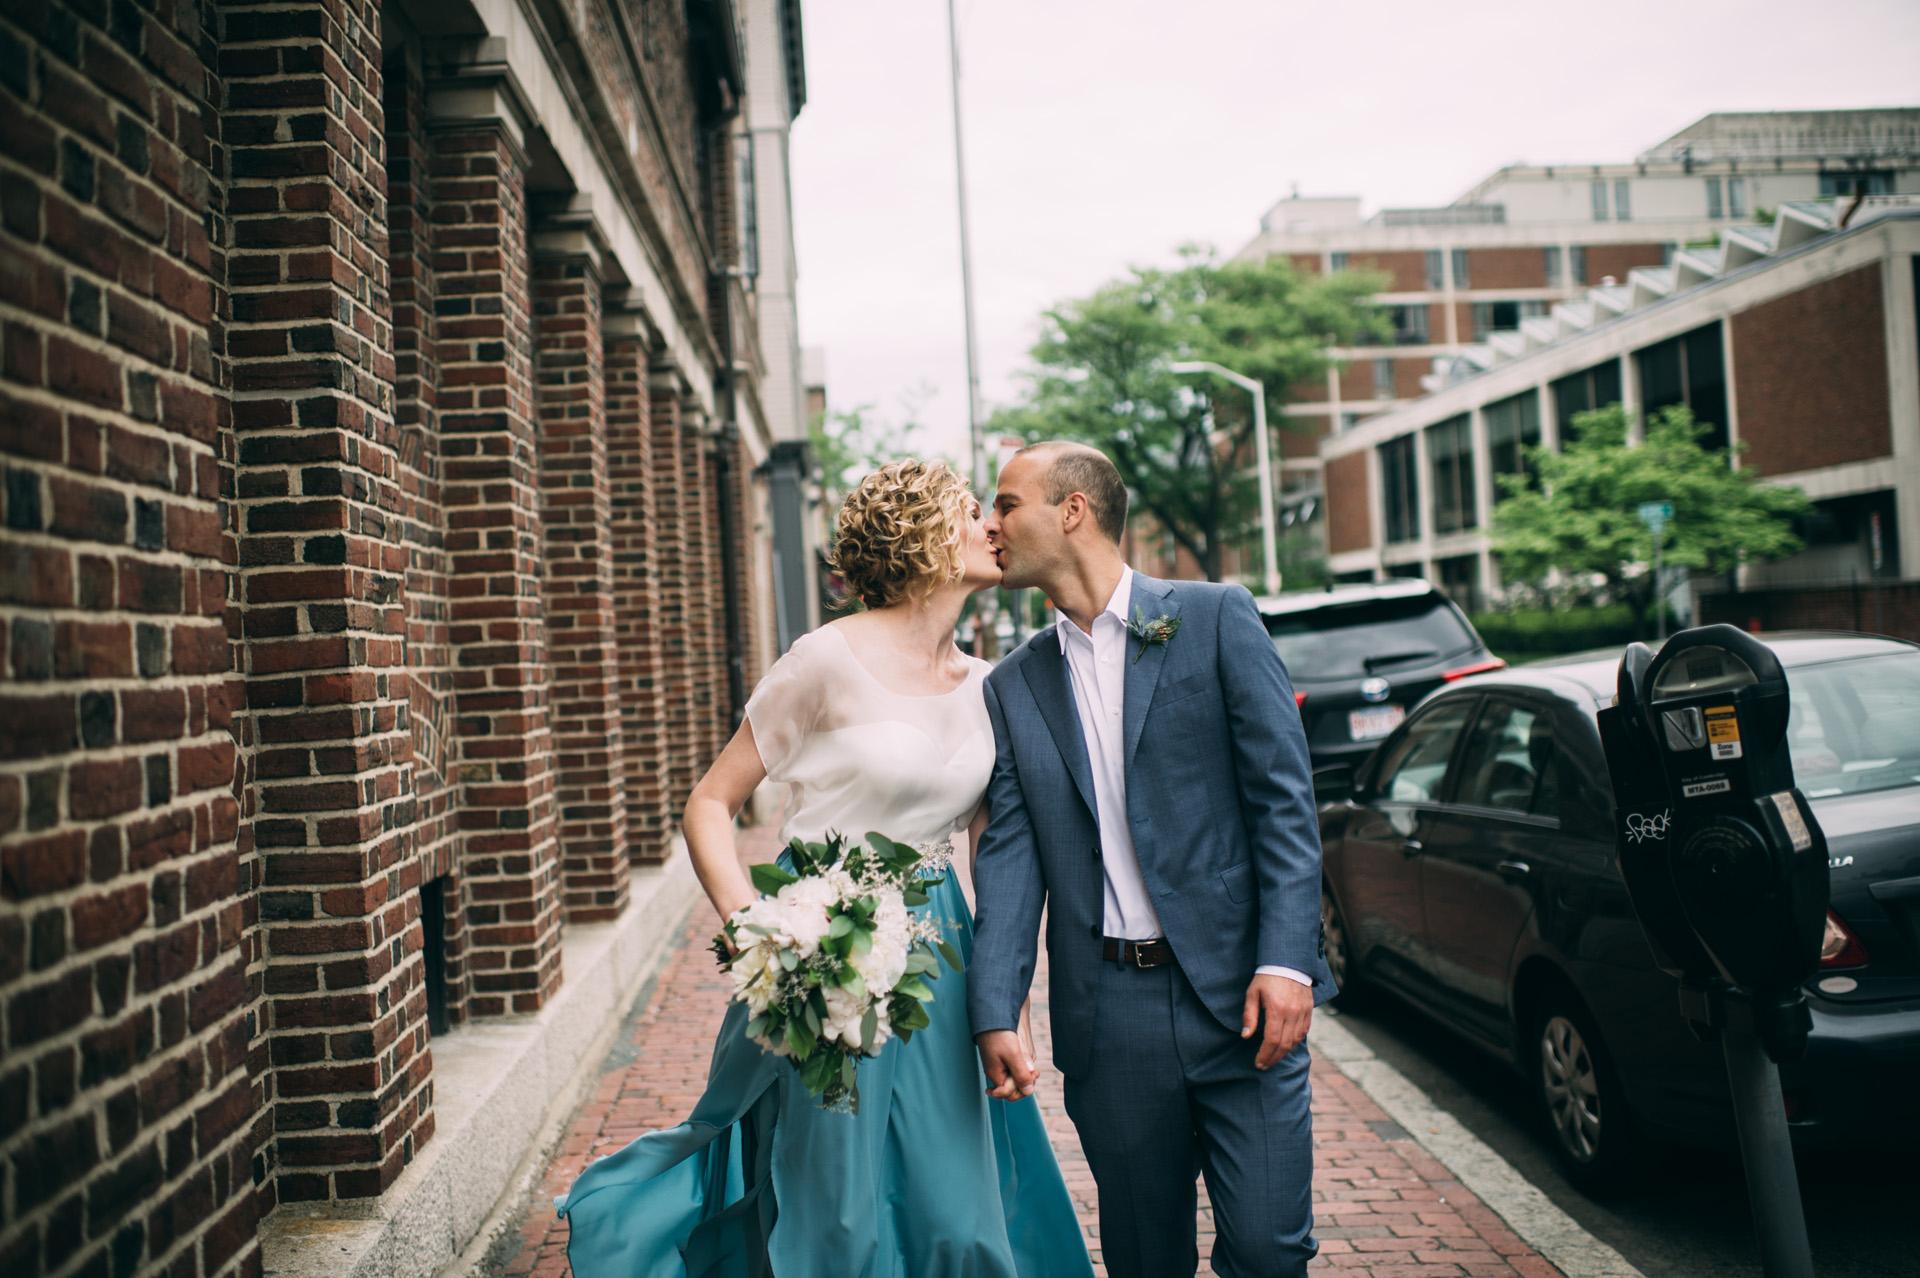 alden-harlow-wedding-photographer-28